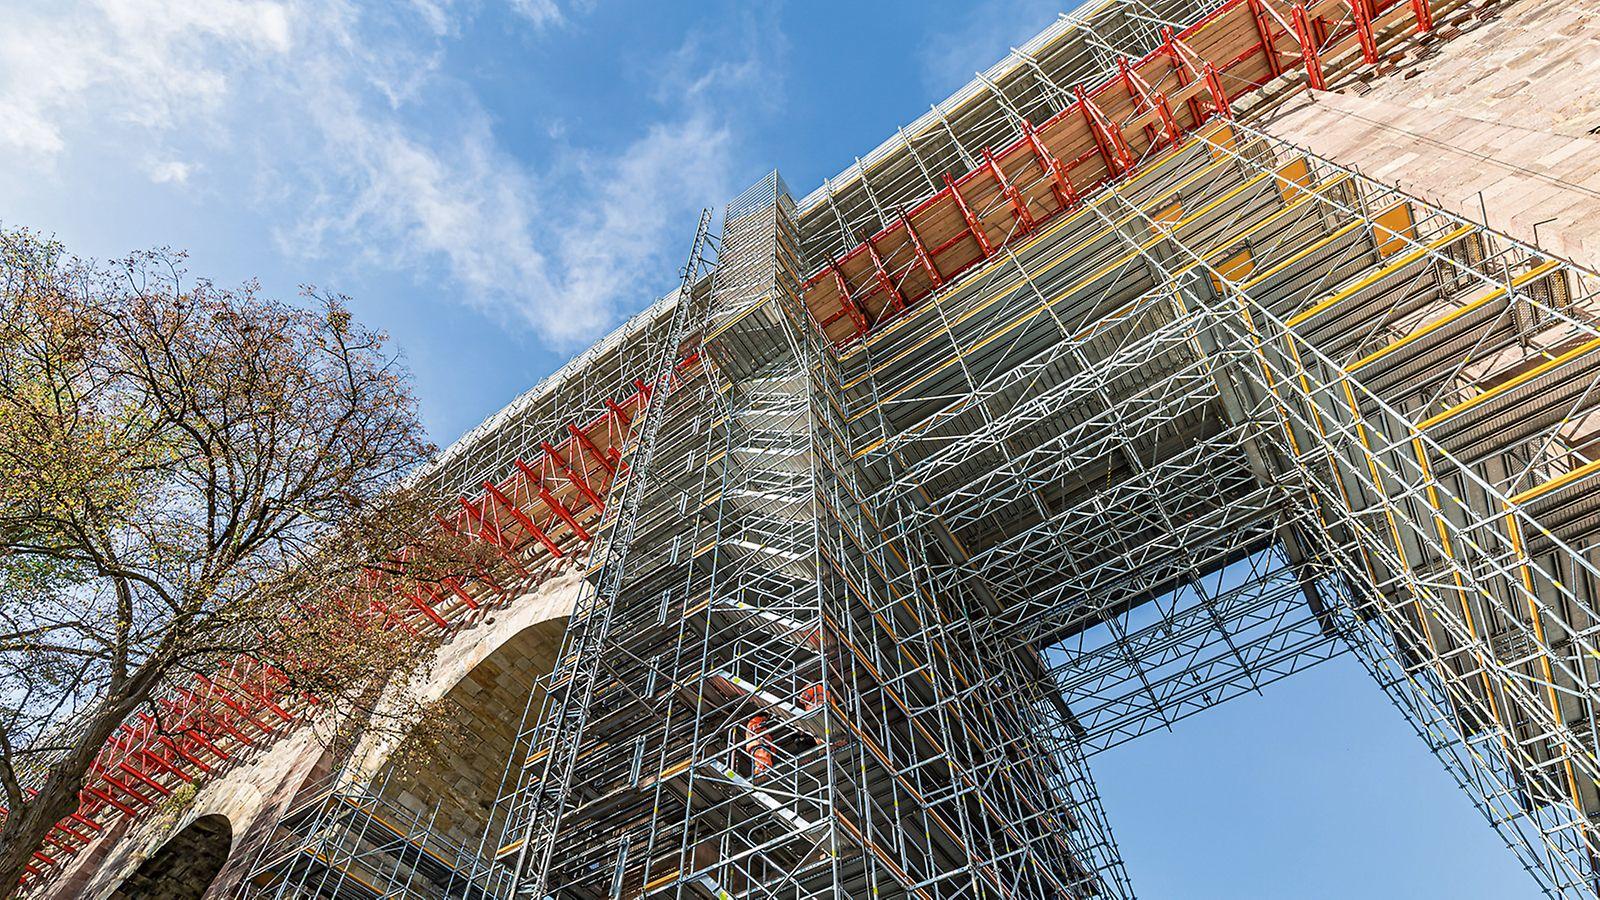 Eine Gerüstlösung aus kombinierbaren PERI Baukastensystemen ermöglicht die sichere Ausführung der Sanierungsarbeiten am 180 m langen, 40 m hohen und 167 Jahre alten Eisenbahnviadukt Heiligenborn bei Waldheim.